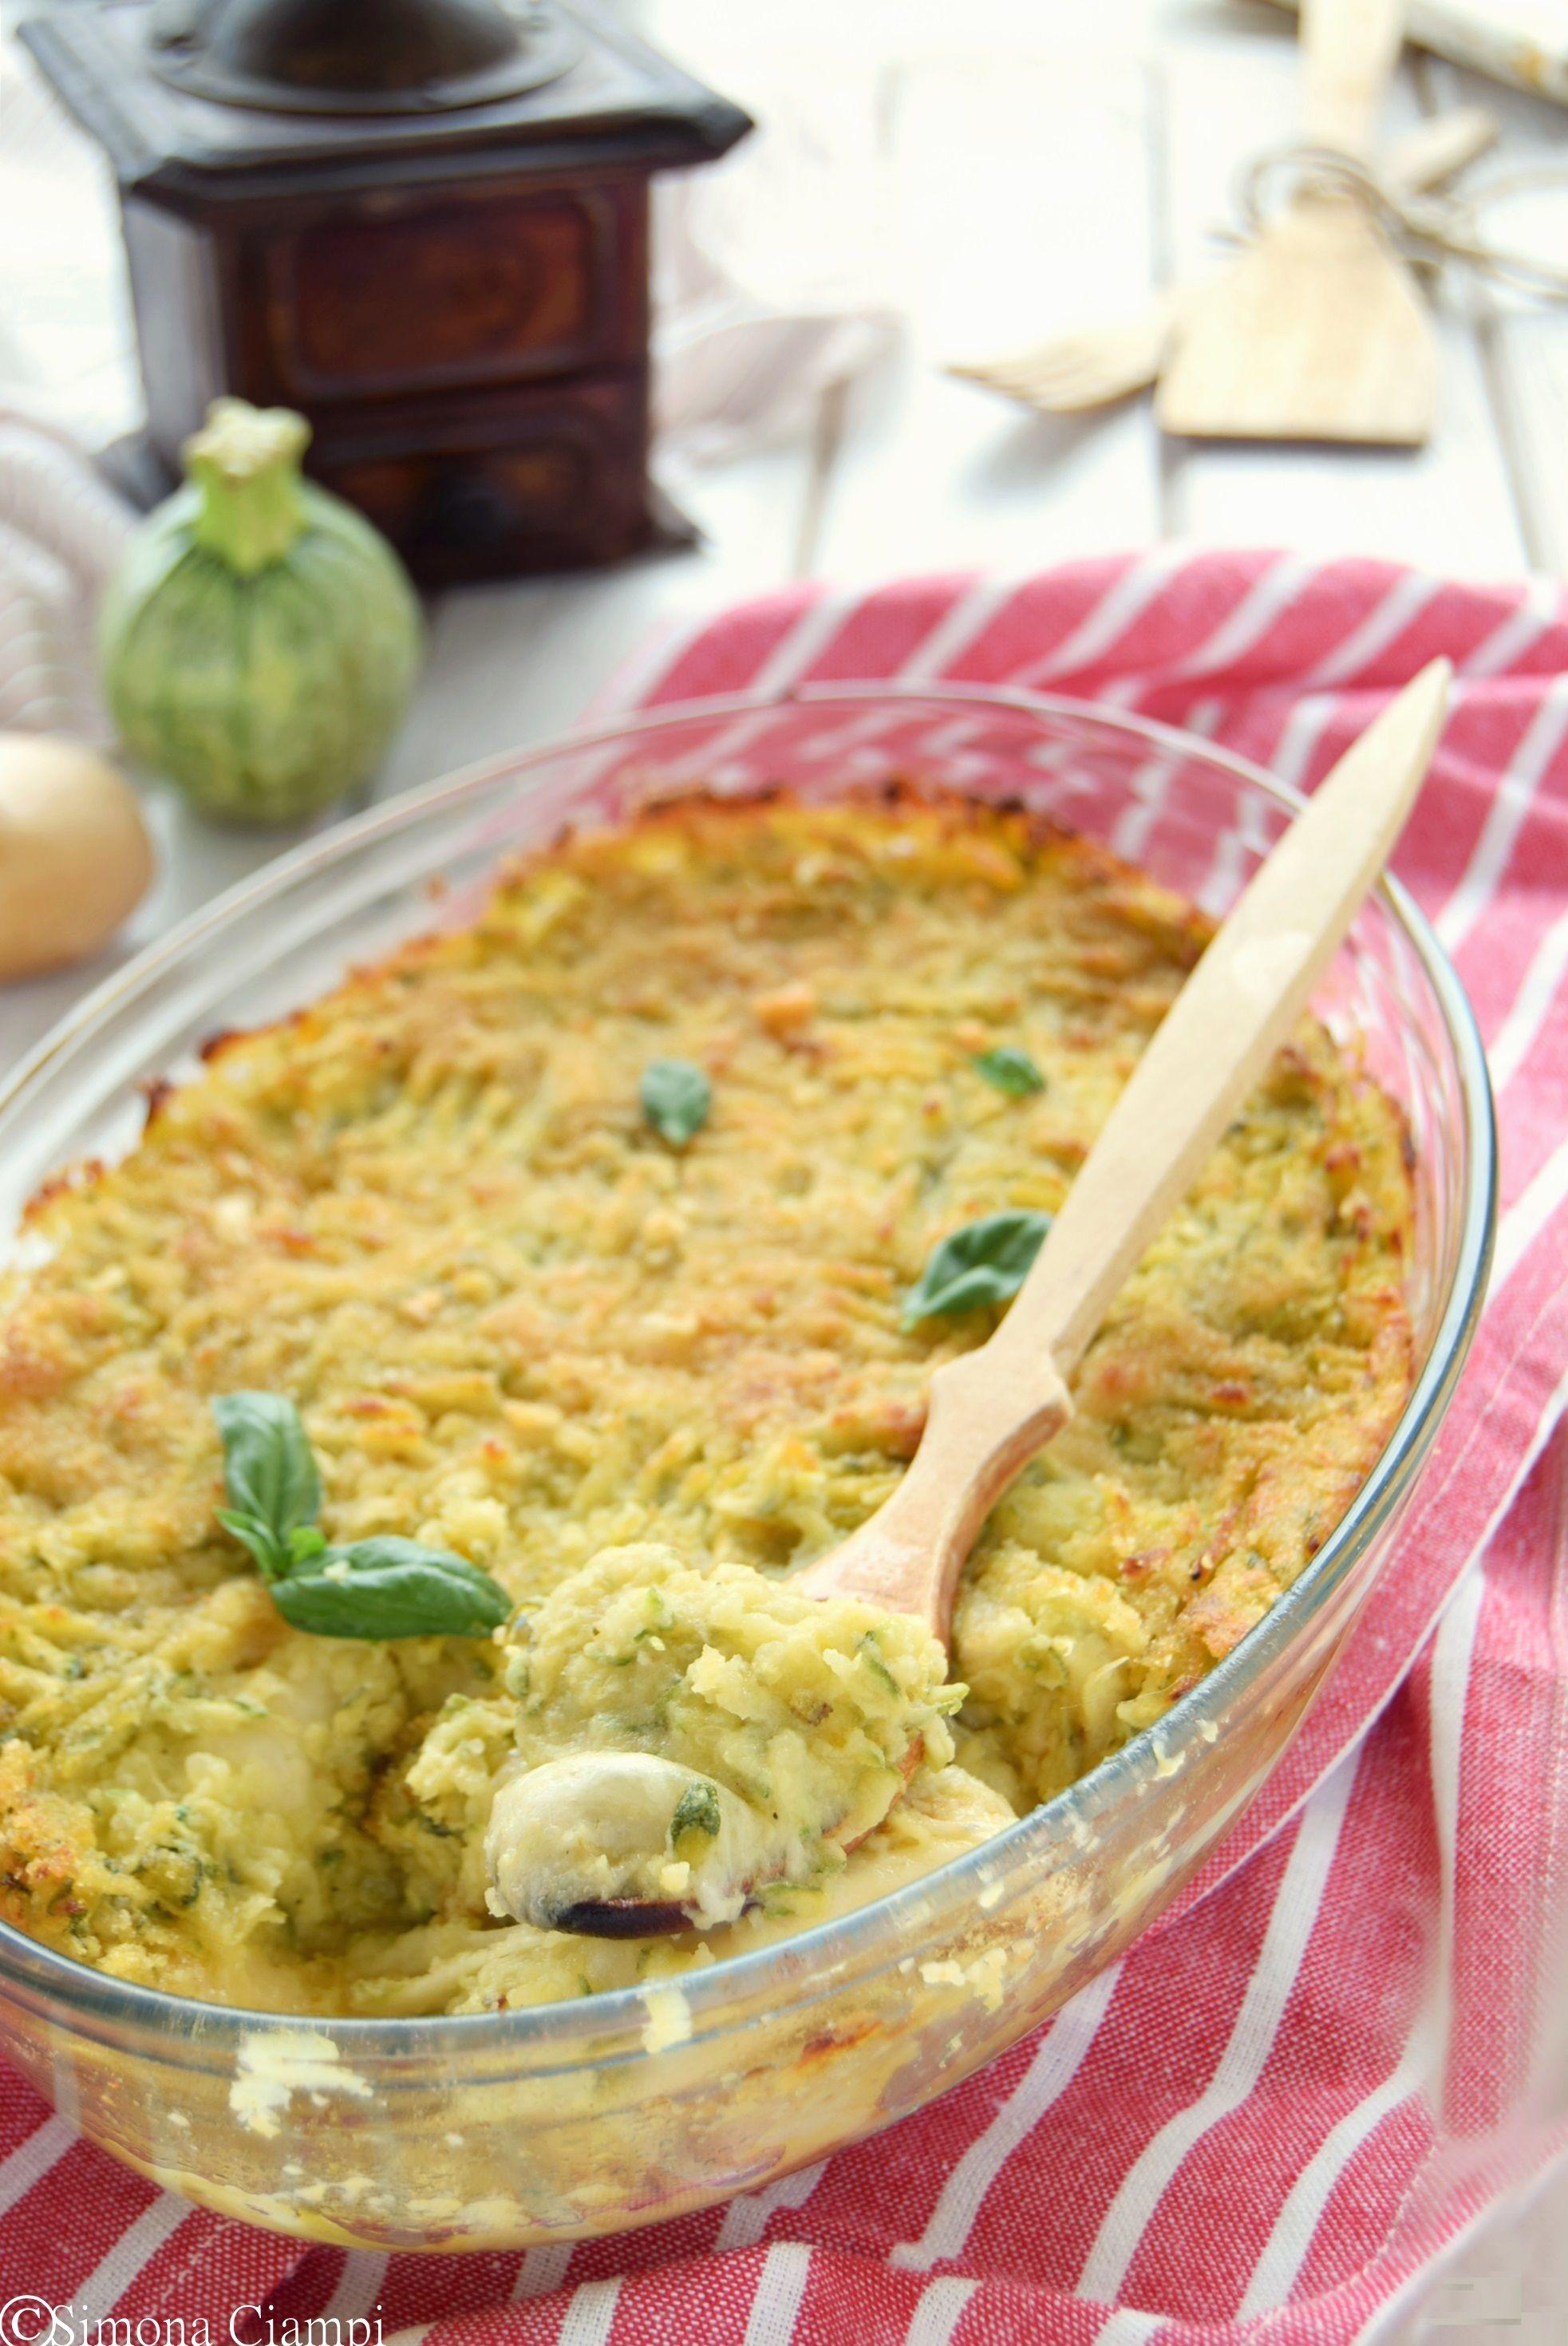 Cominciamo a cucinare con le zucchine ecco un ricco for Cucinare vegetariano